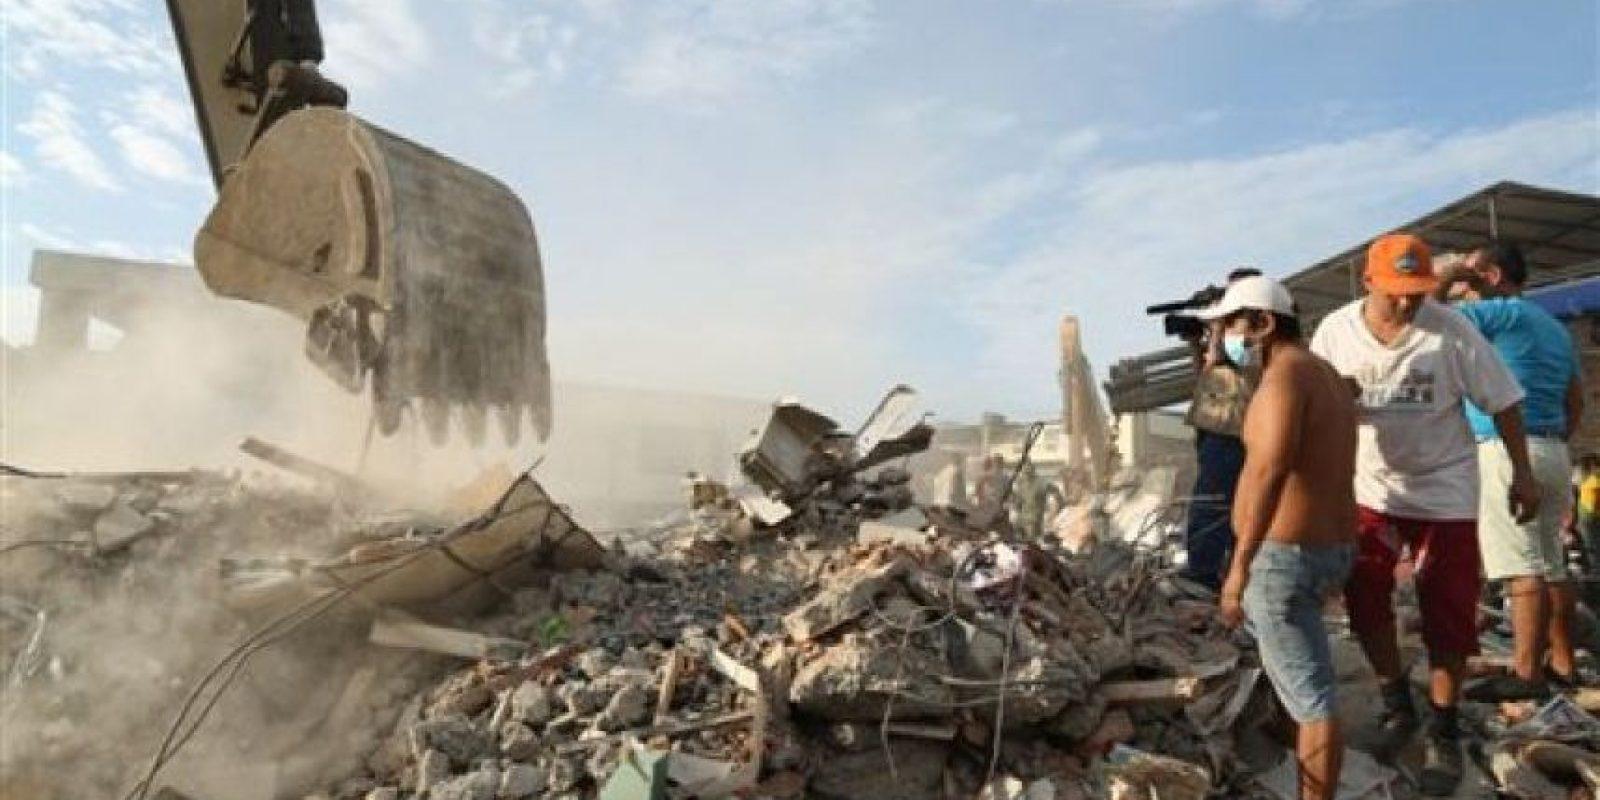 Escombros tras el sismo del pasado sábado Foto:AP